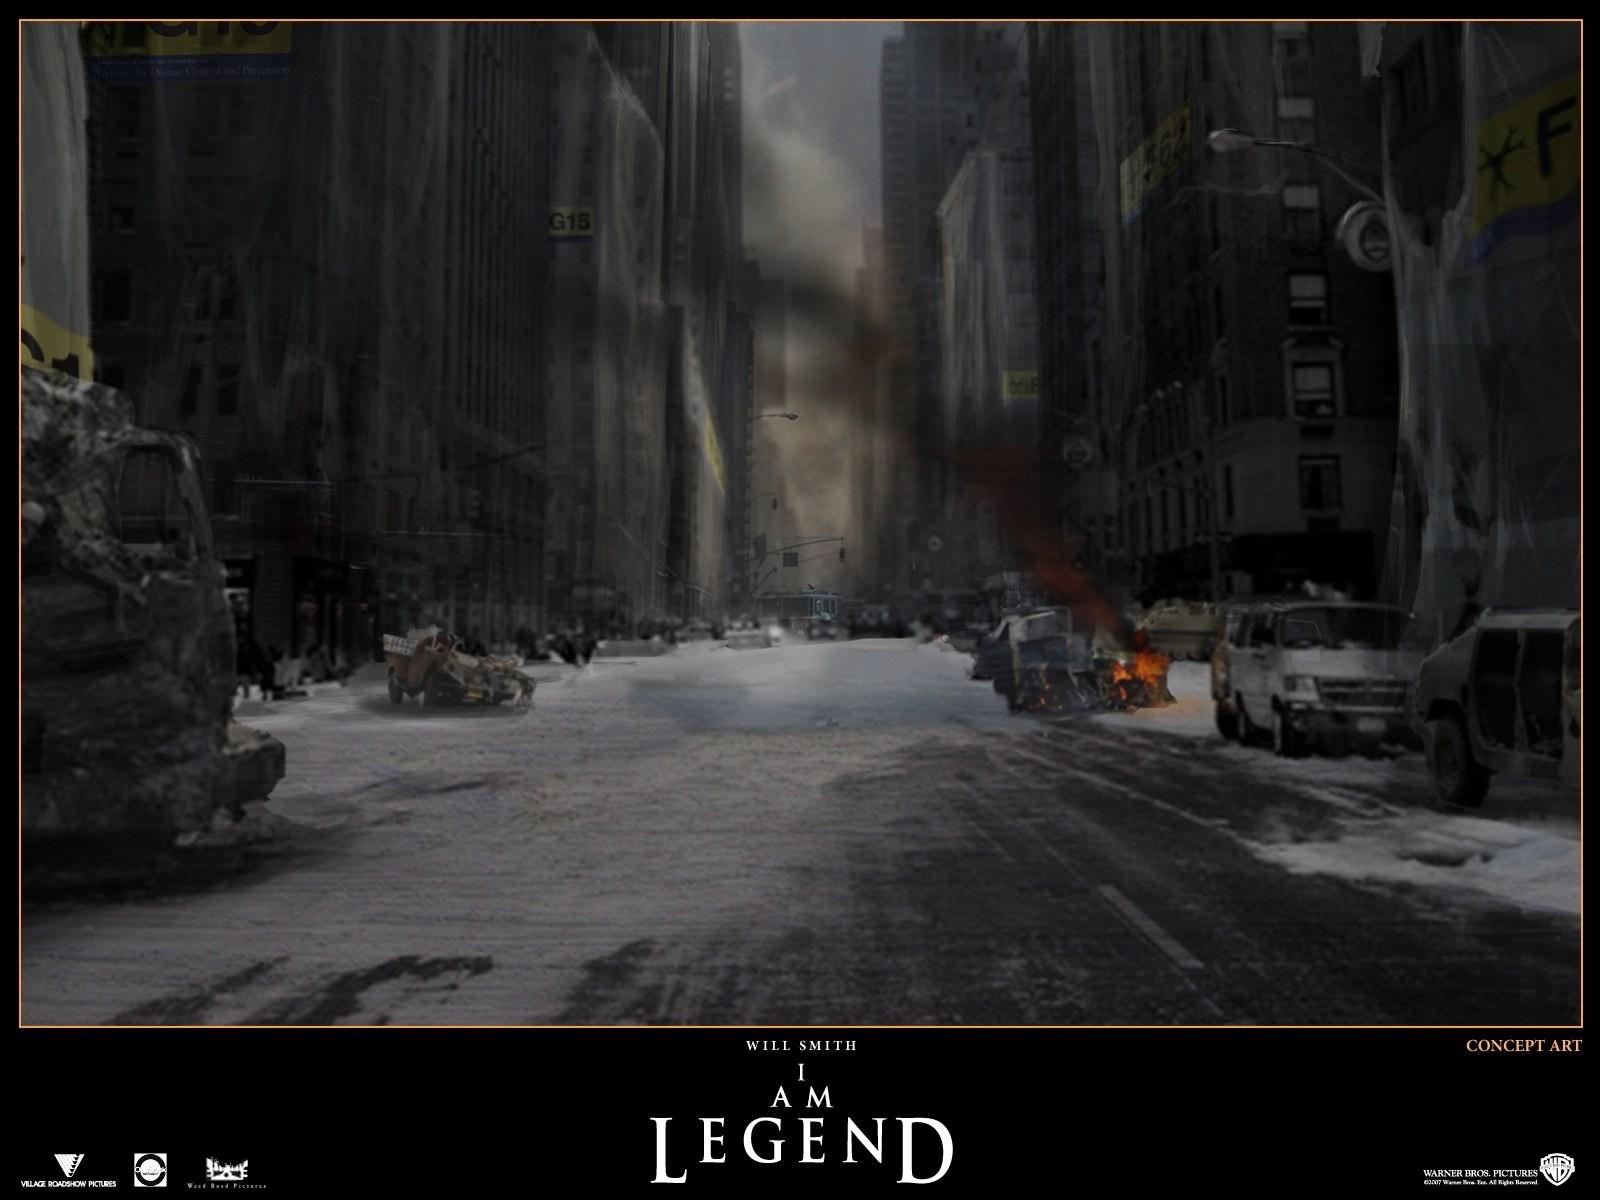 Wallpaper: un'immagine cupa del film Io sono leggenda